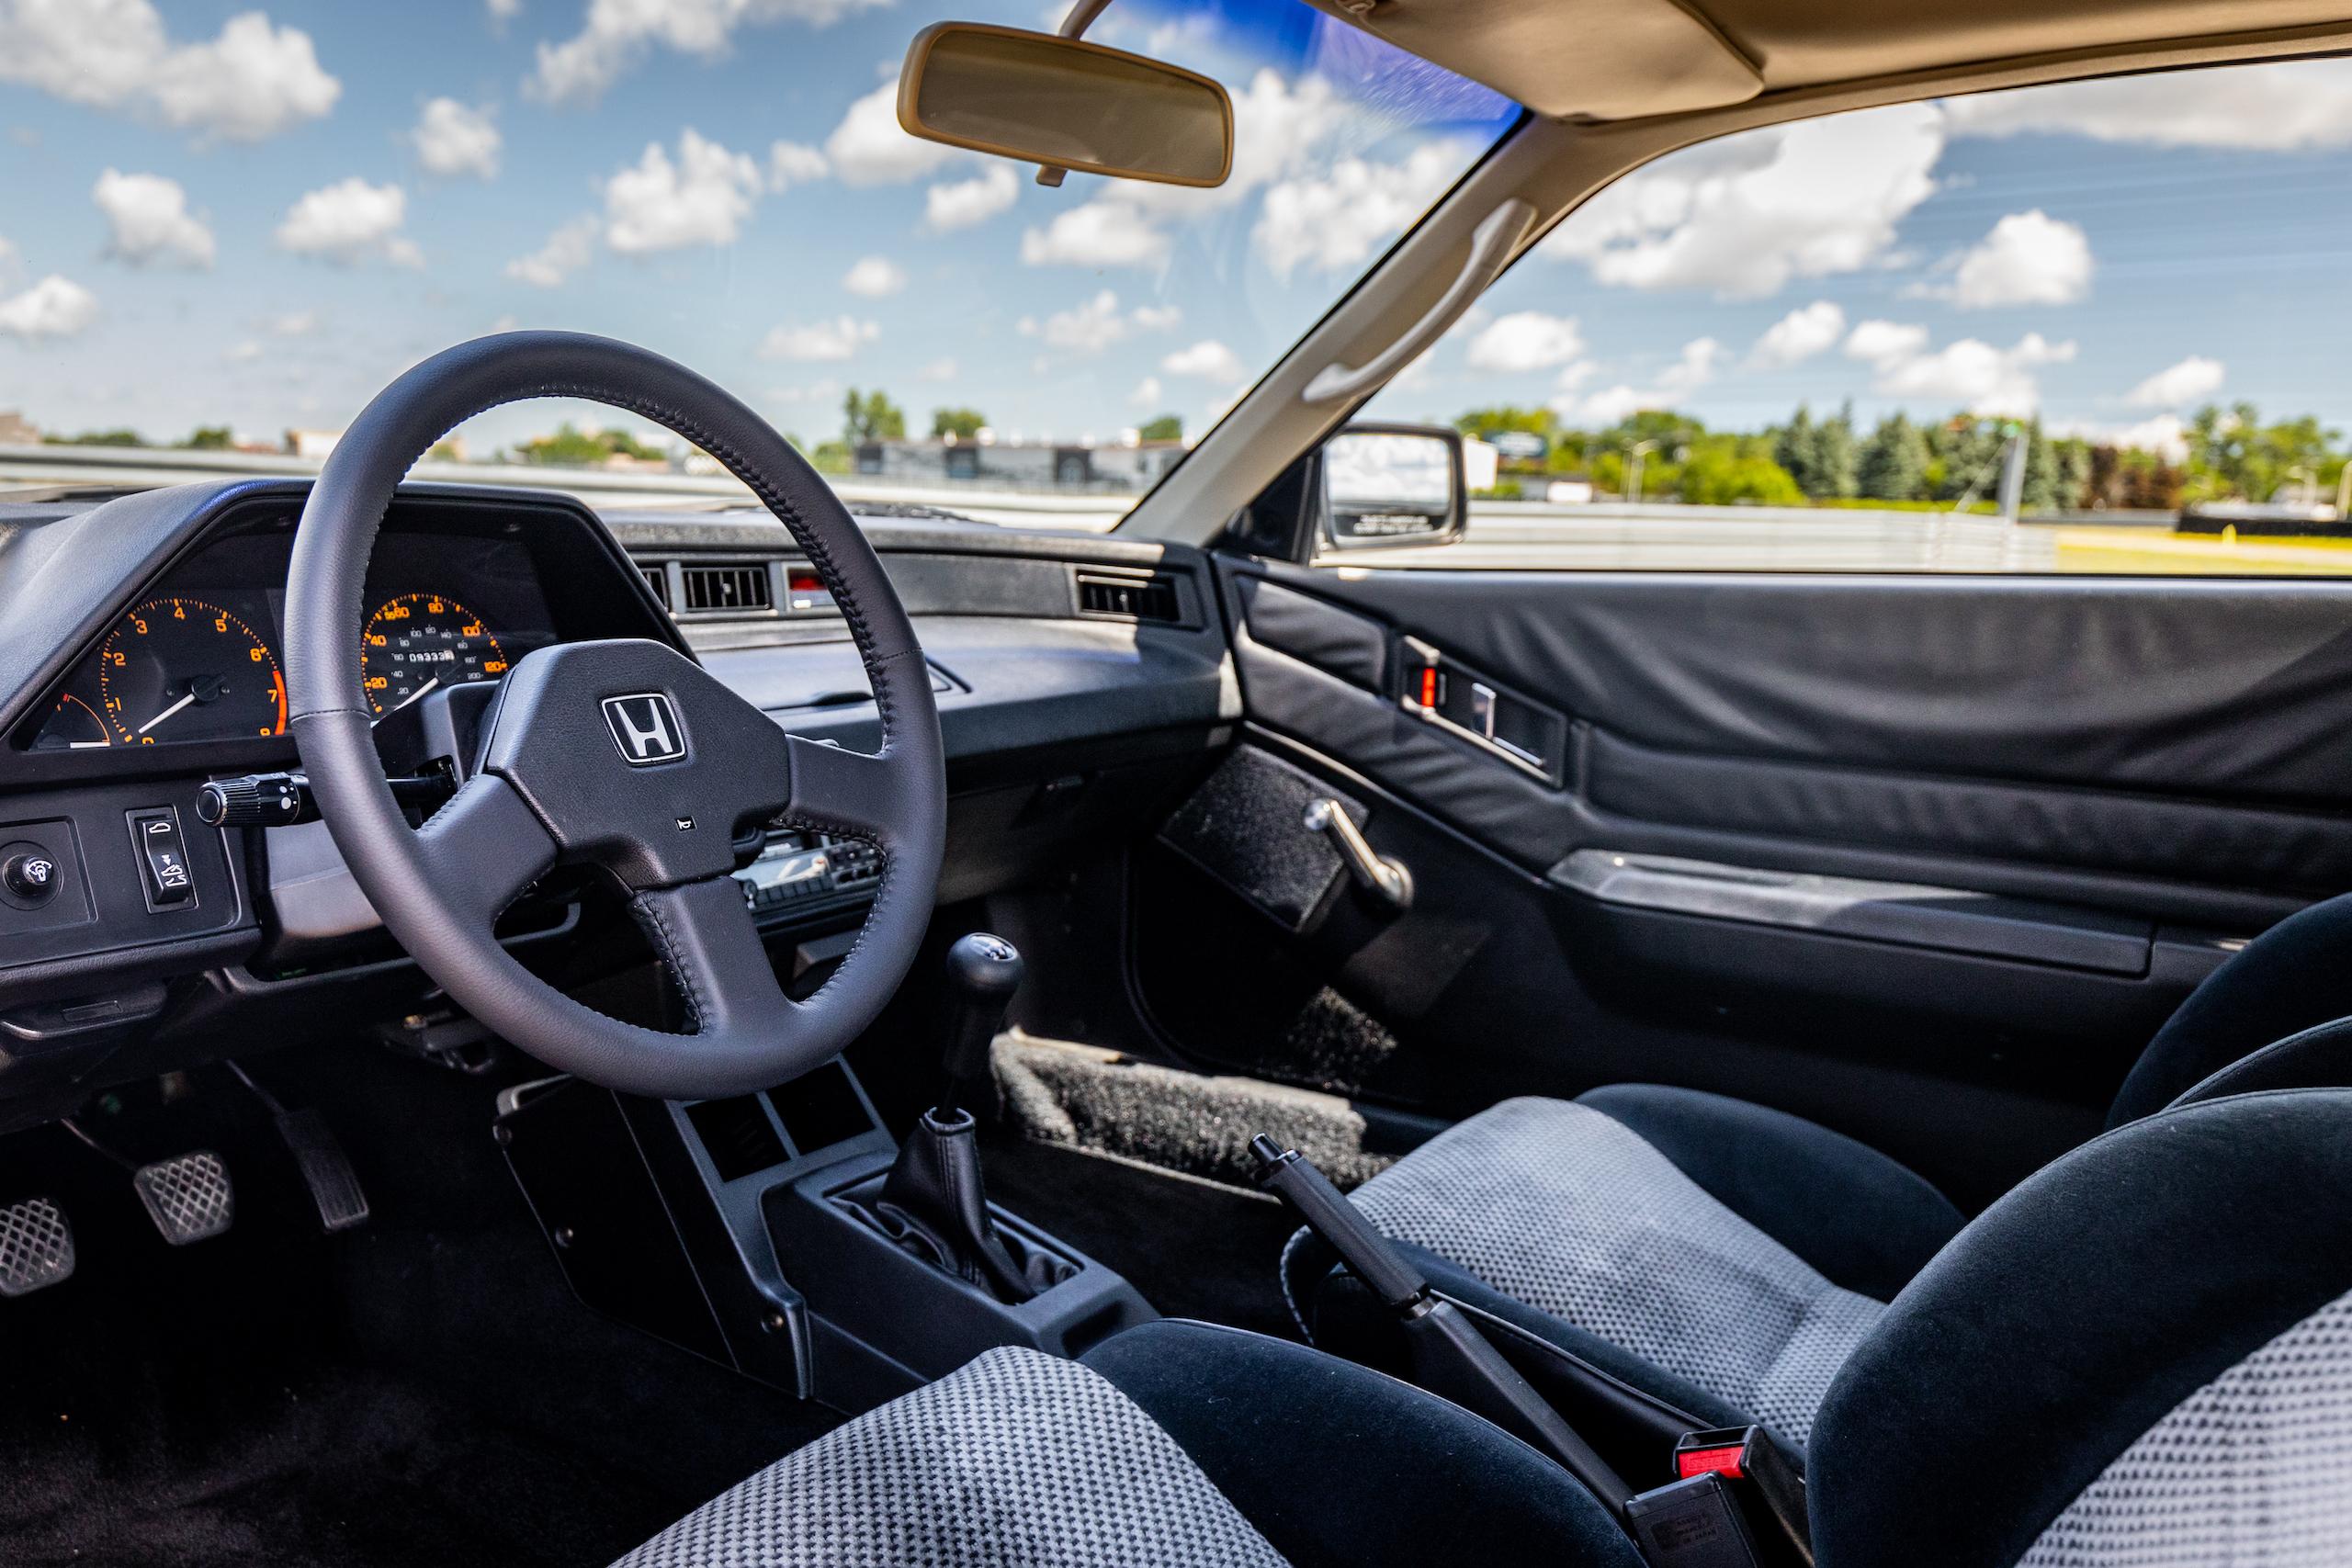 1985 CRX Si interior angle